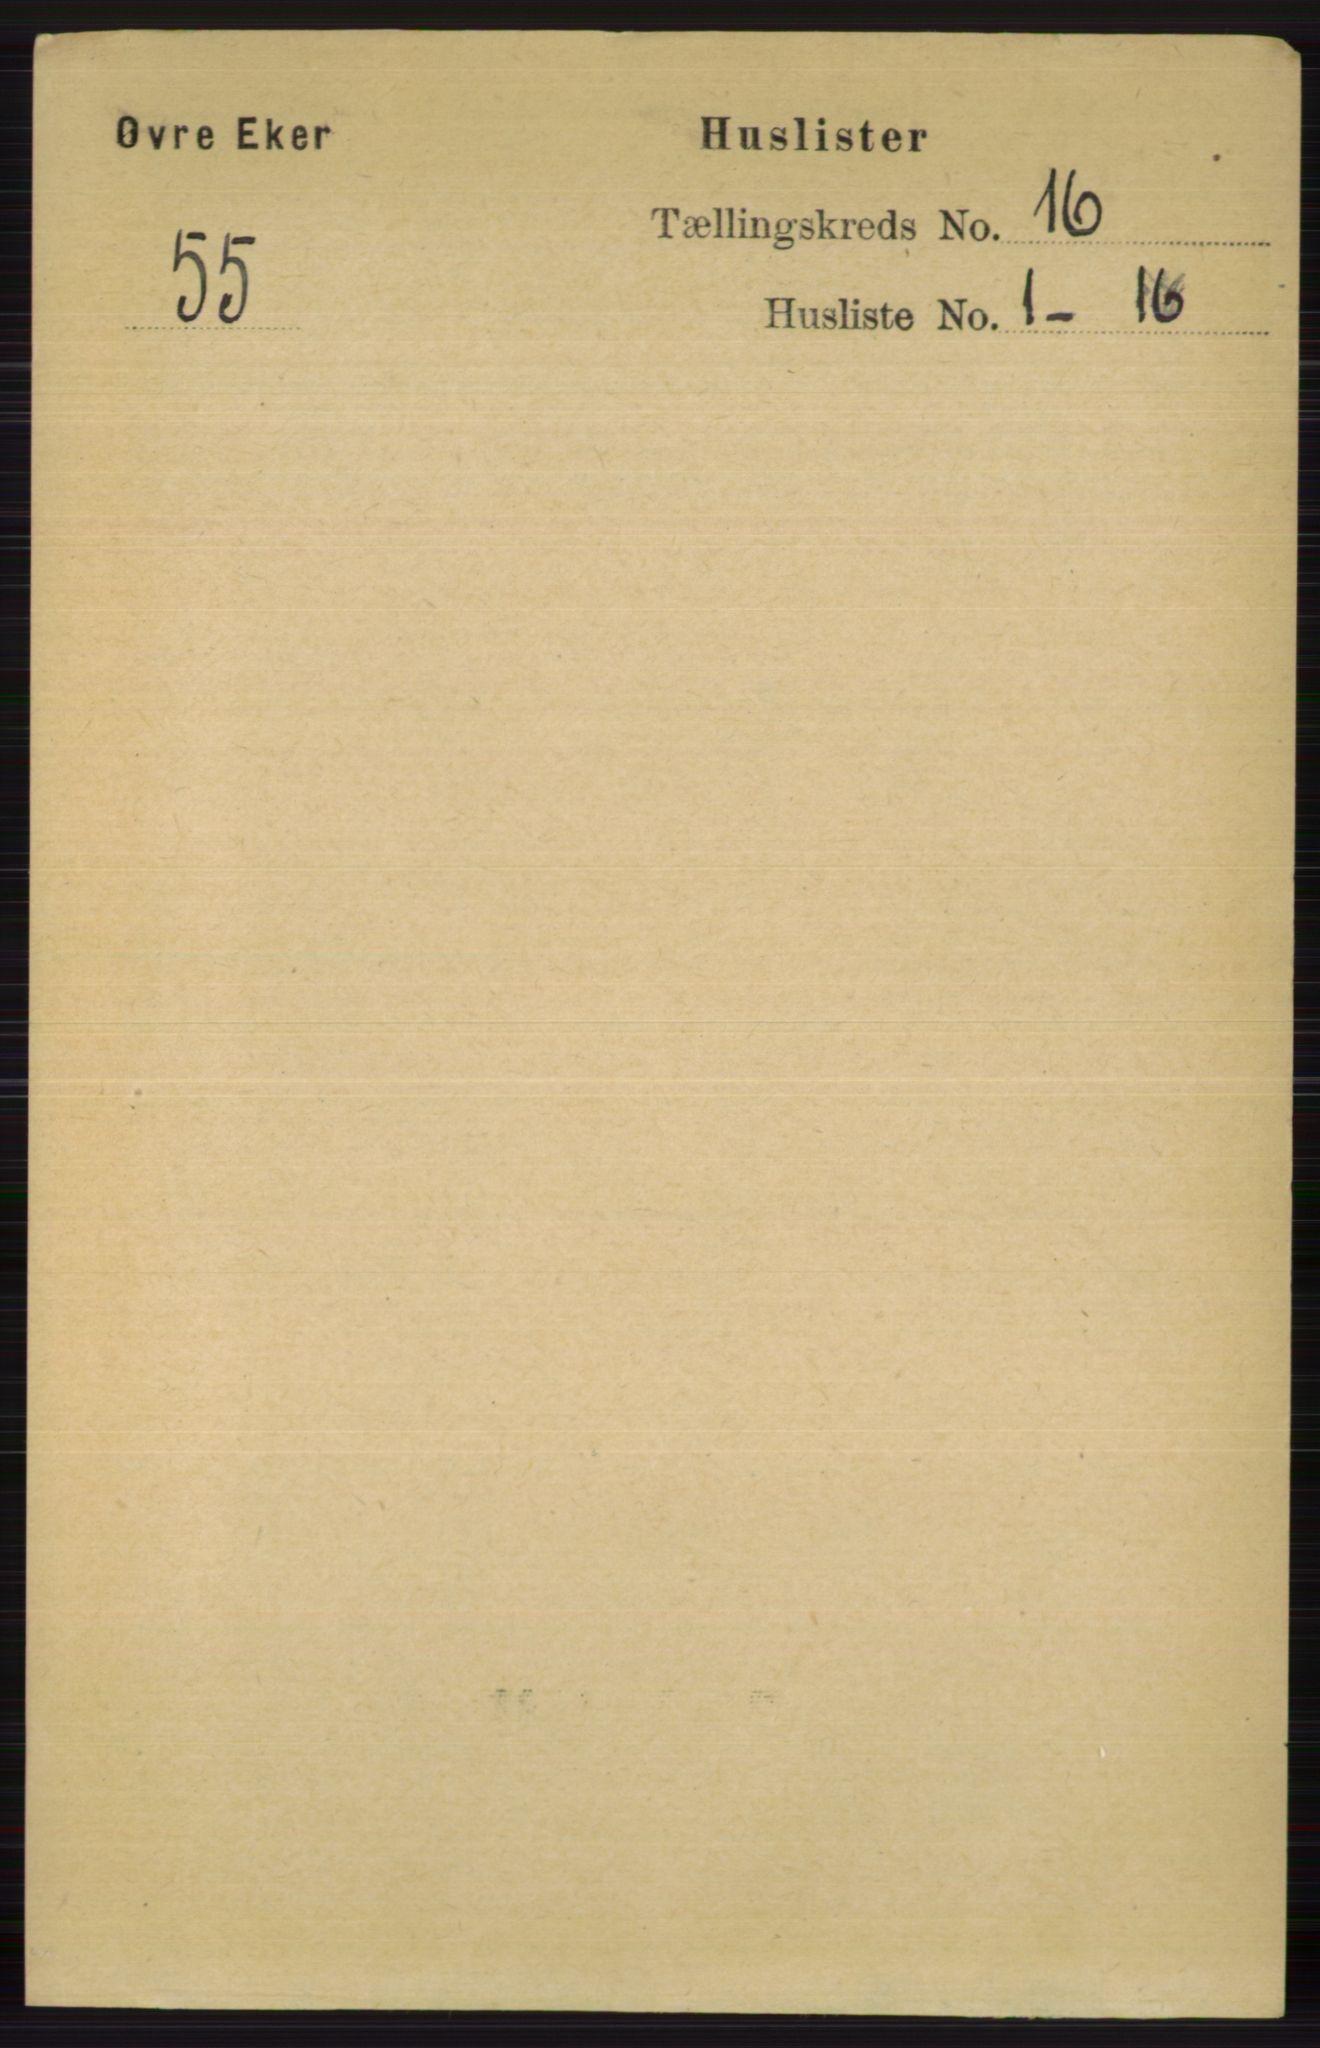 RA, Folketelling 1891 for 0624 Øvre Eiker herred, 1891, s. 7627